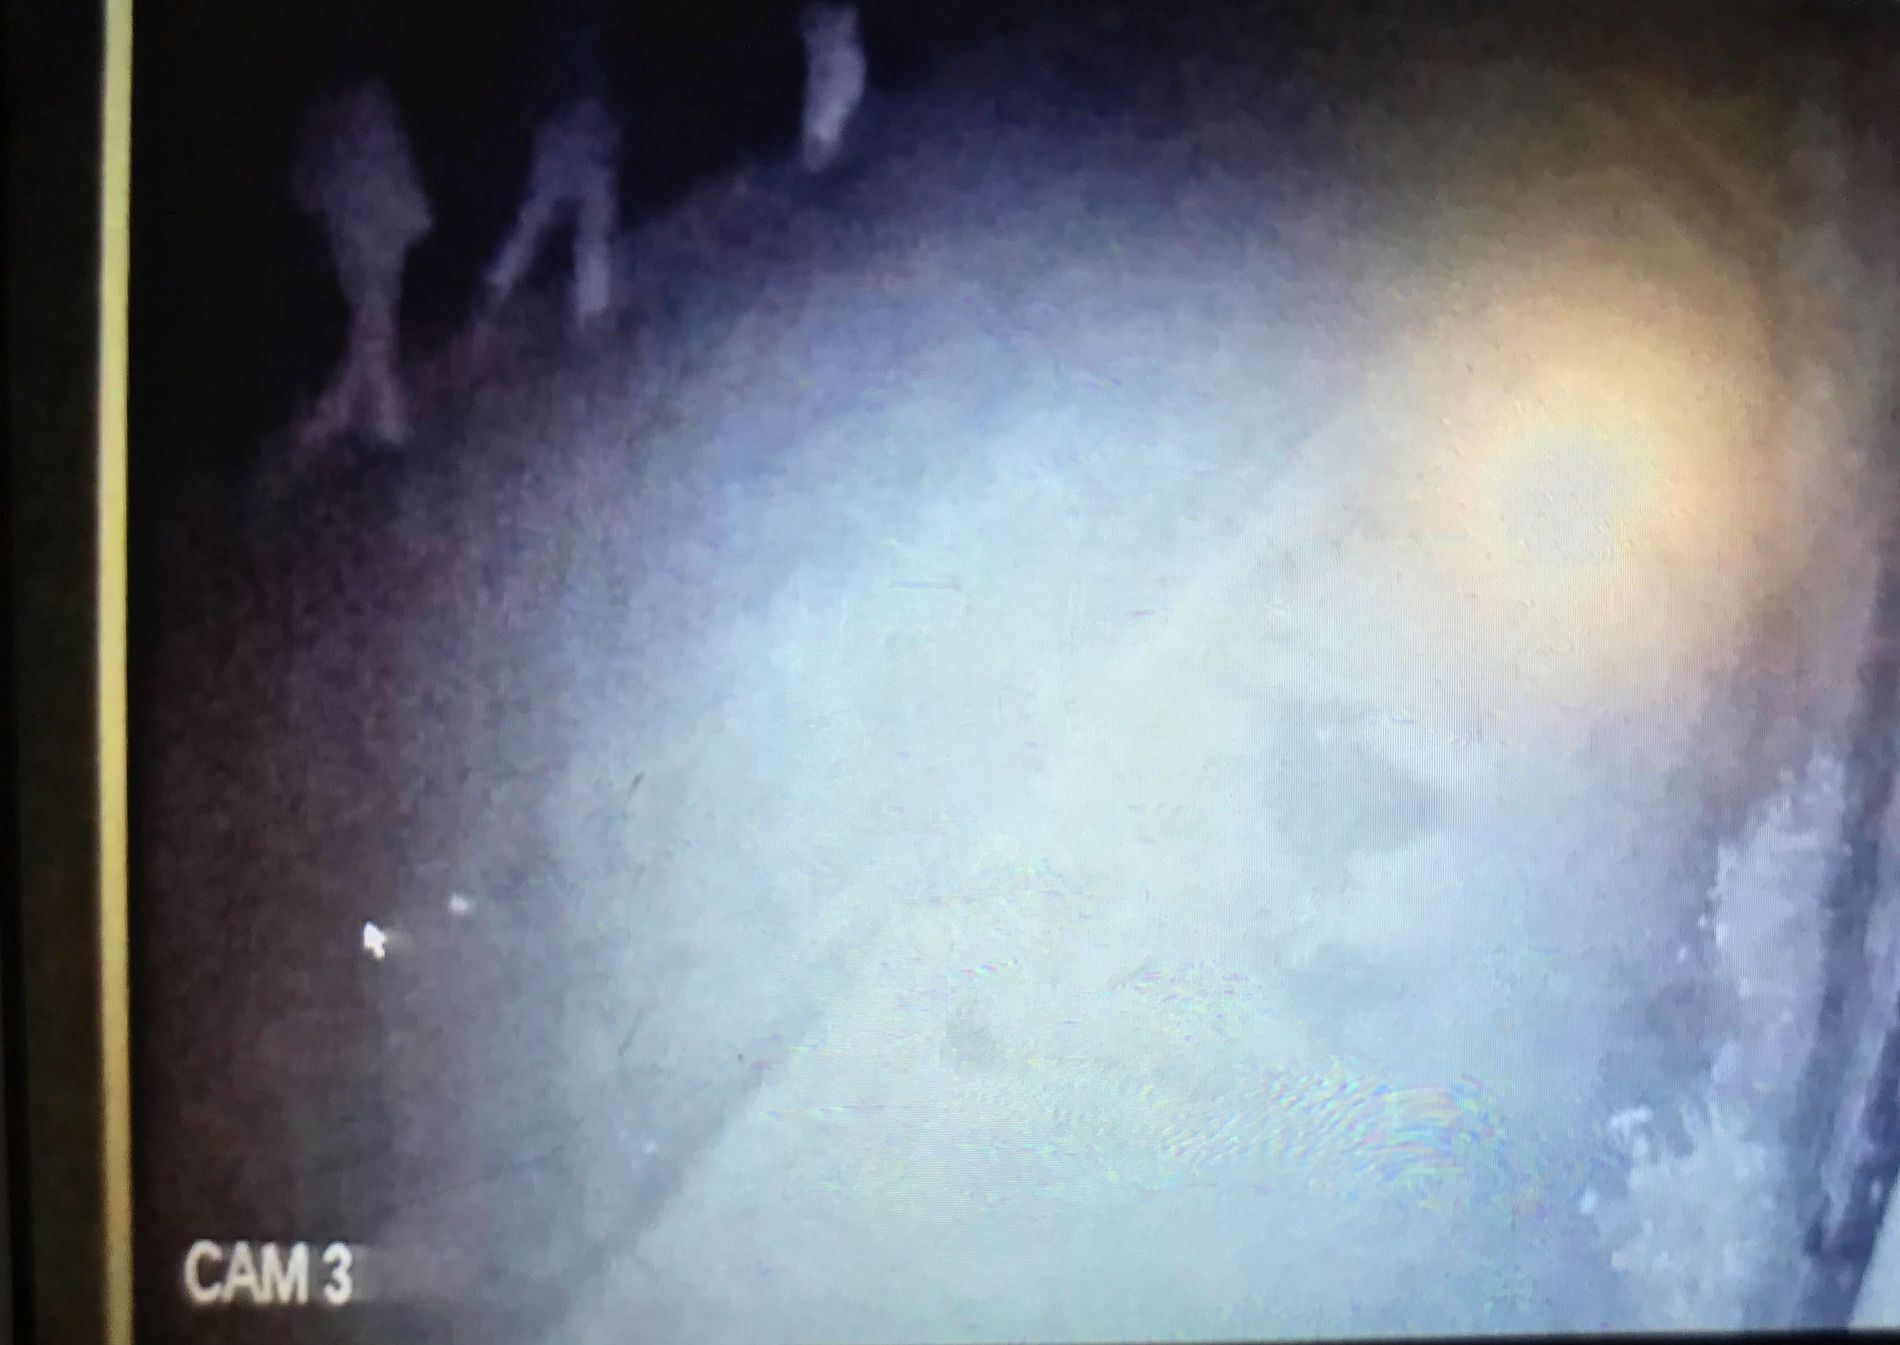 PÅ KAMERA: Tre personer som politiet mener er koblet til drapshandlingen er fanget opp på et overvåkingskamera i Imlil. VG har sett videoen.